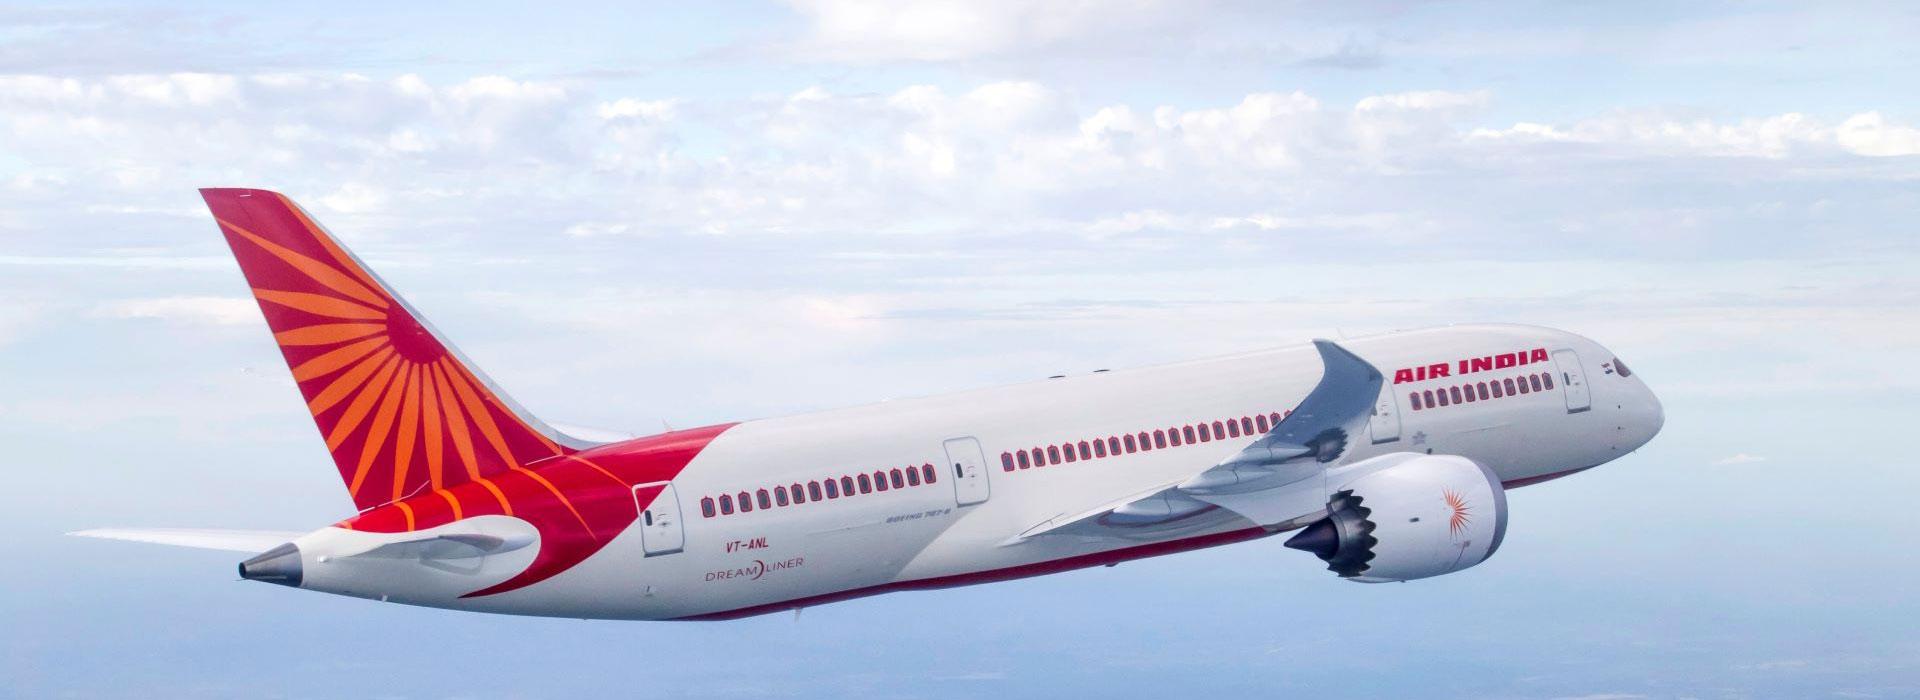 Especialista en vuelos entre España e India